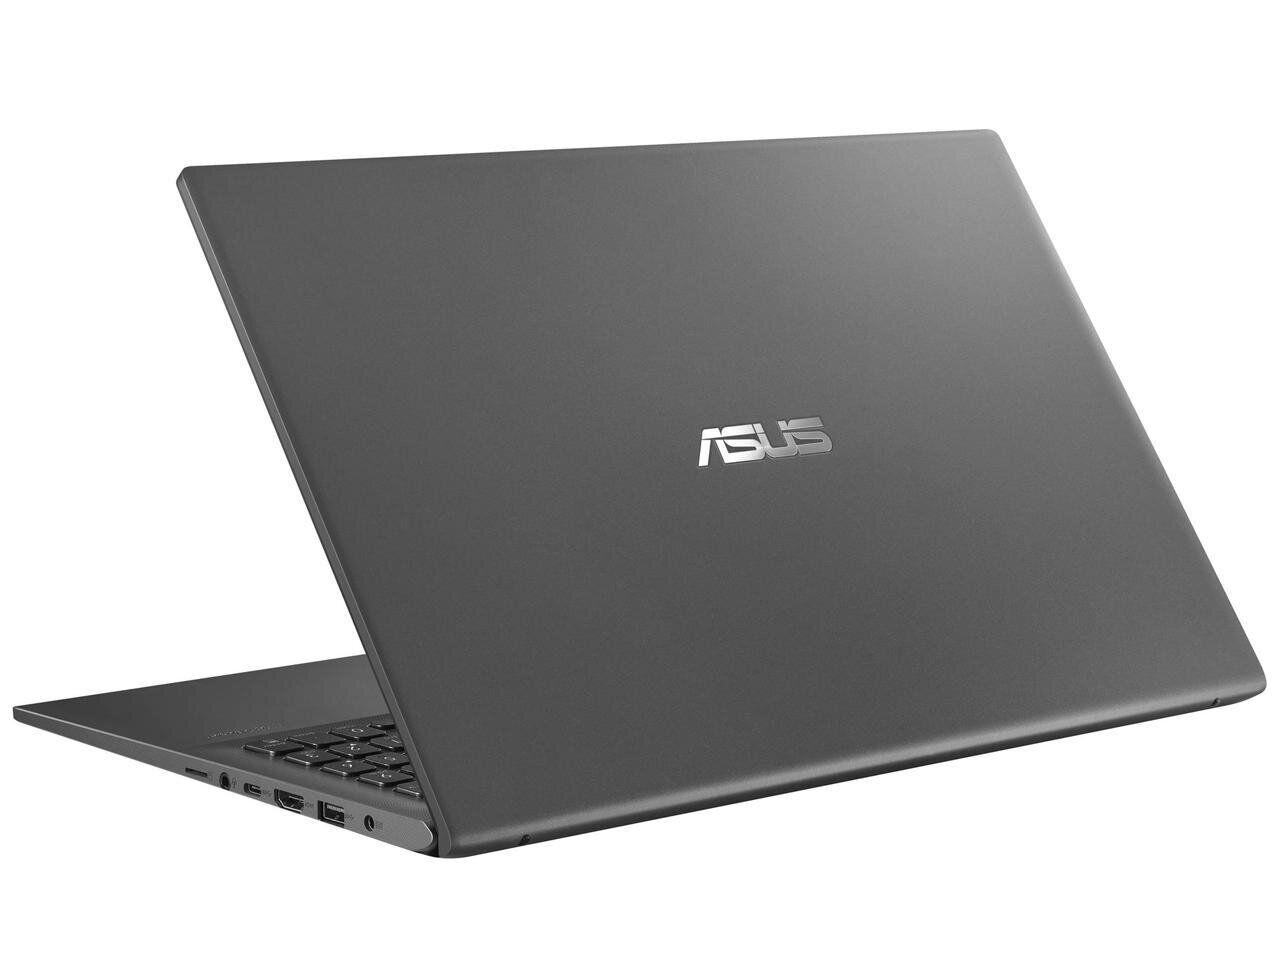 Ноутбук Asus VivoBook 15 R564JA (R564JA-UB31)